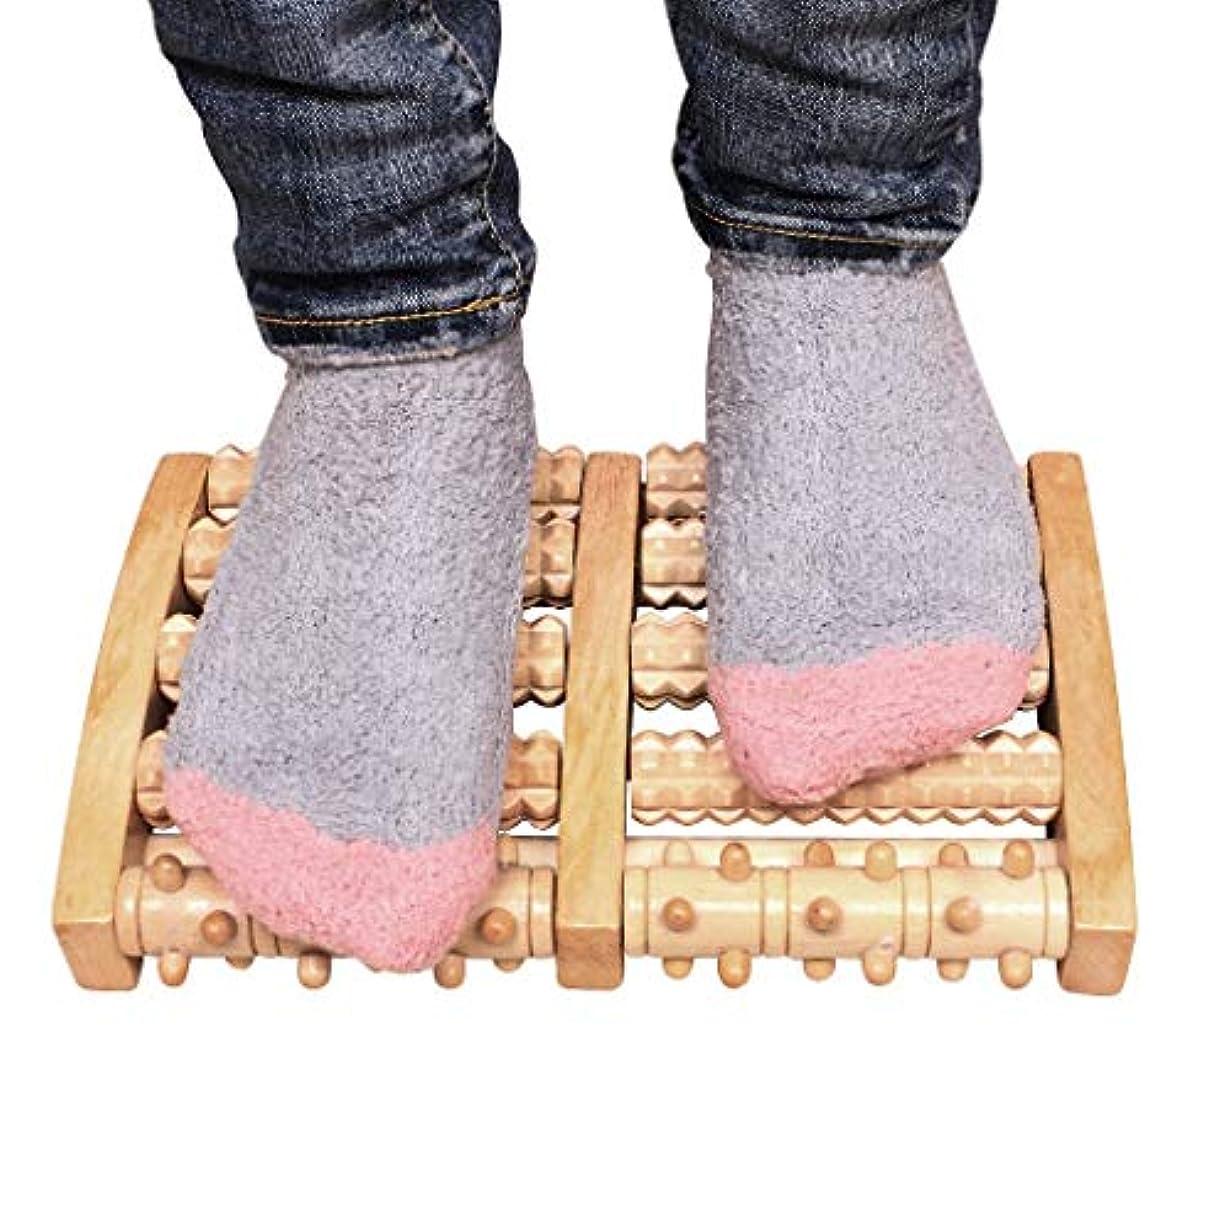 致死インゲンボルト木の二重足のマッサージャー、足底筋膜炎のためのローラーの痛みの軽減治癒拍車ディープティッシュ指圧フット&ヒールマッサージャー